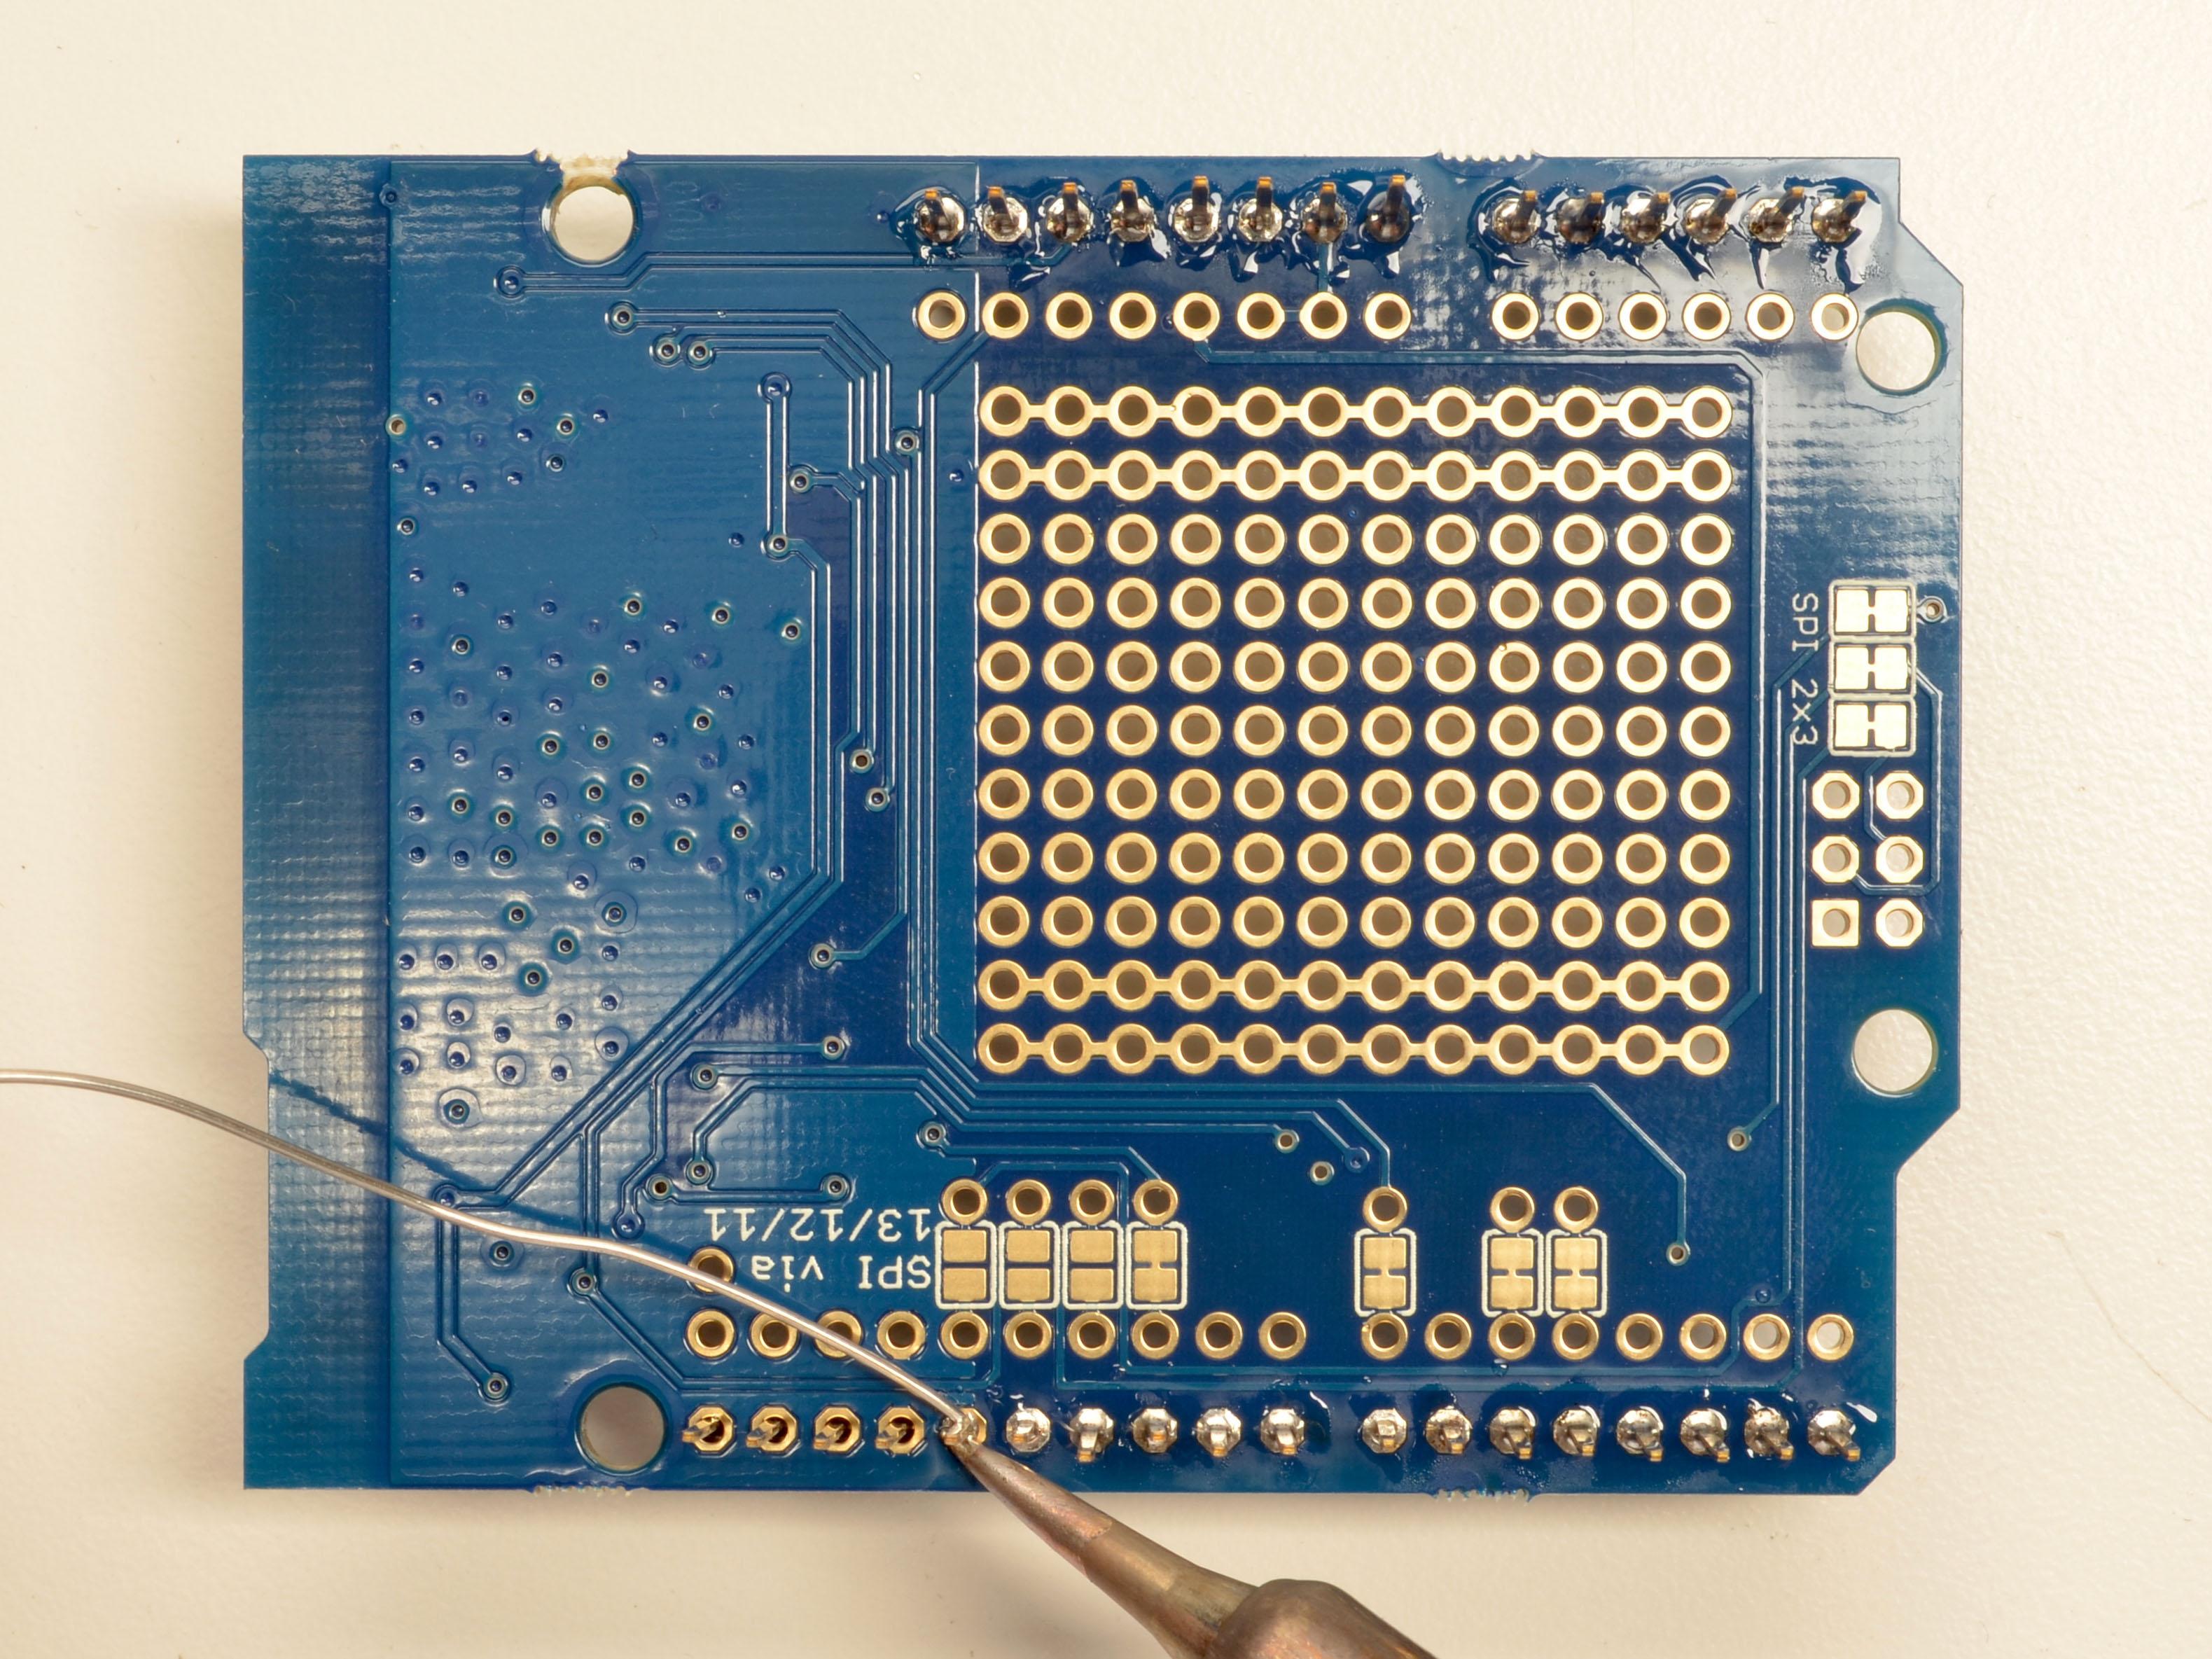 adafruit_products_DSC_3813.jpg